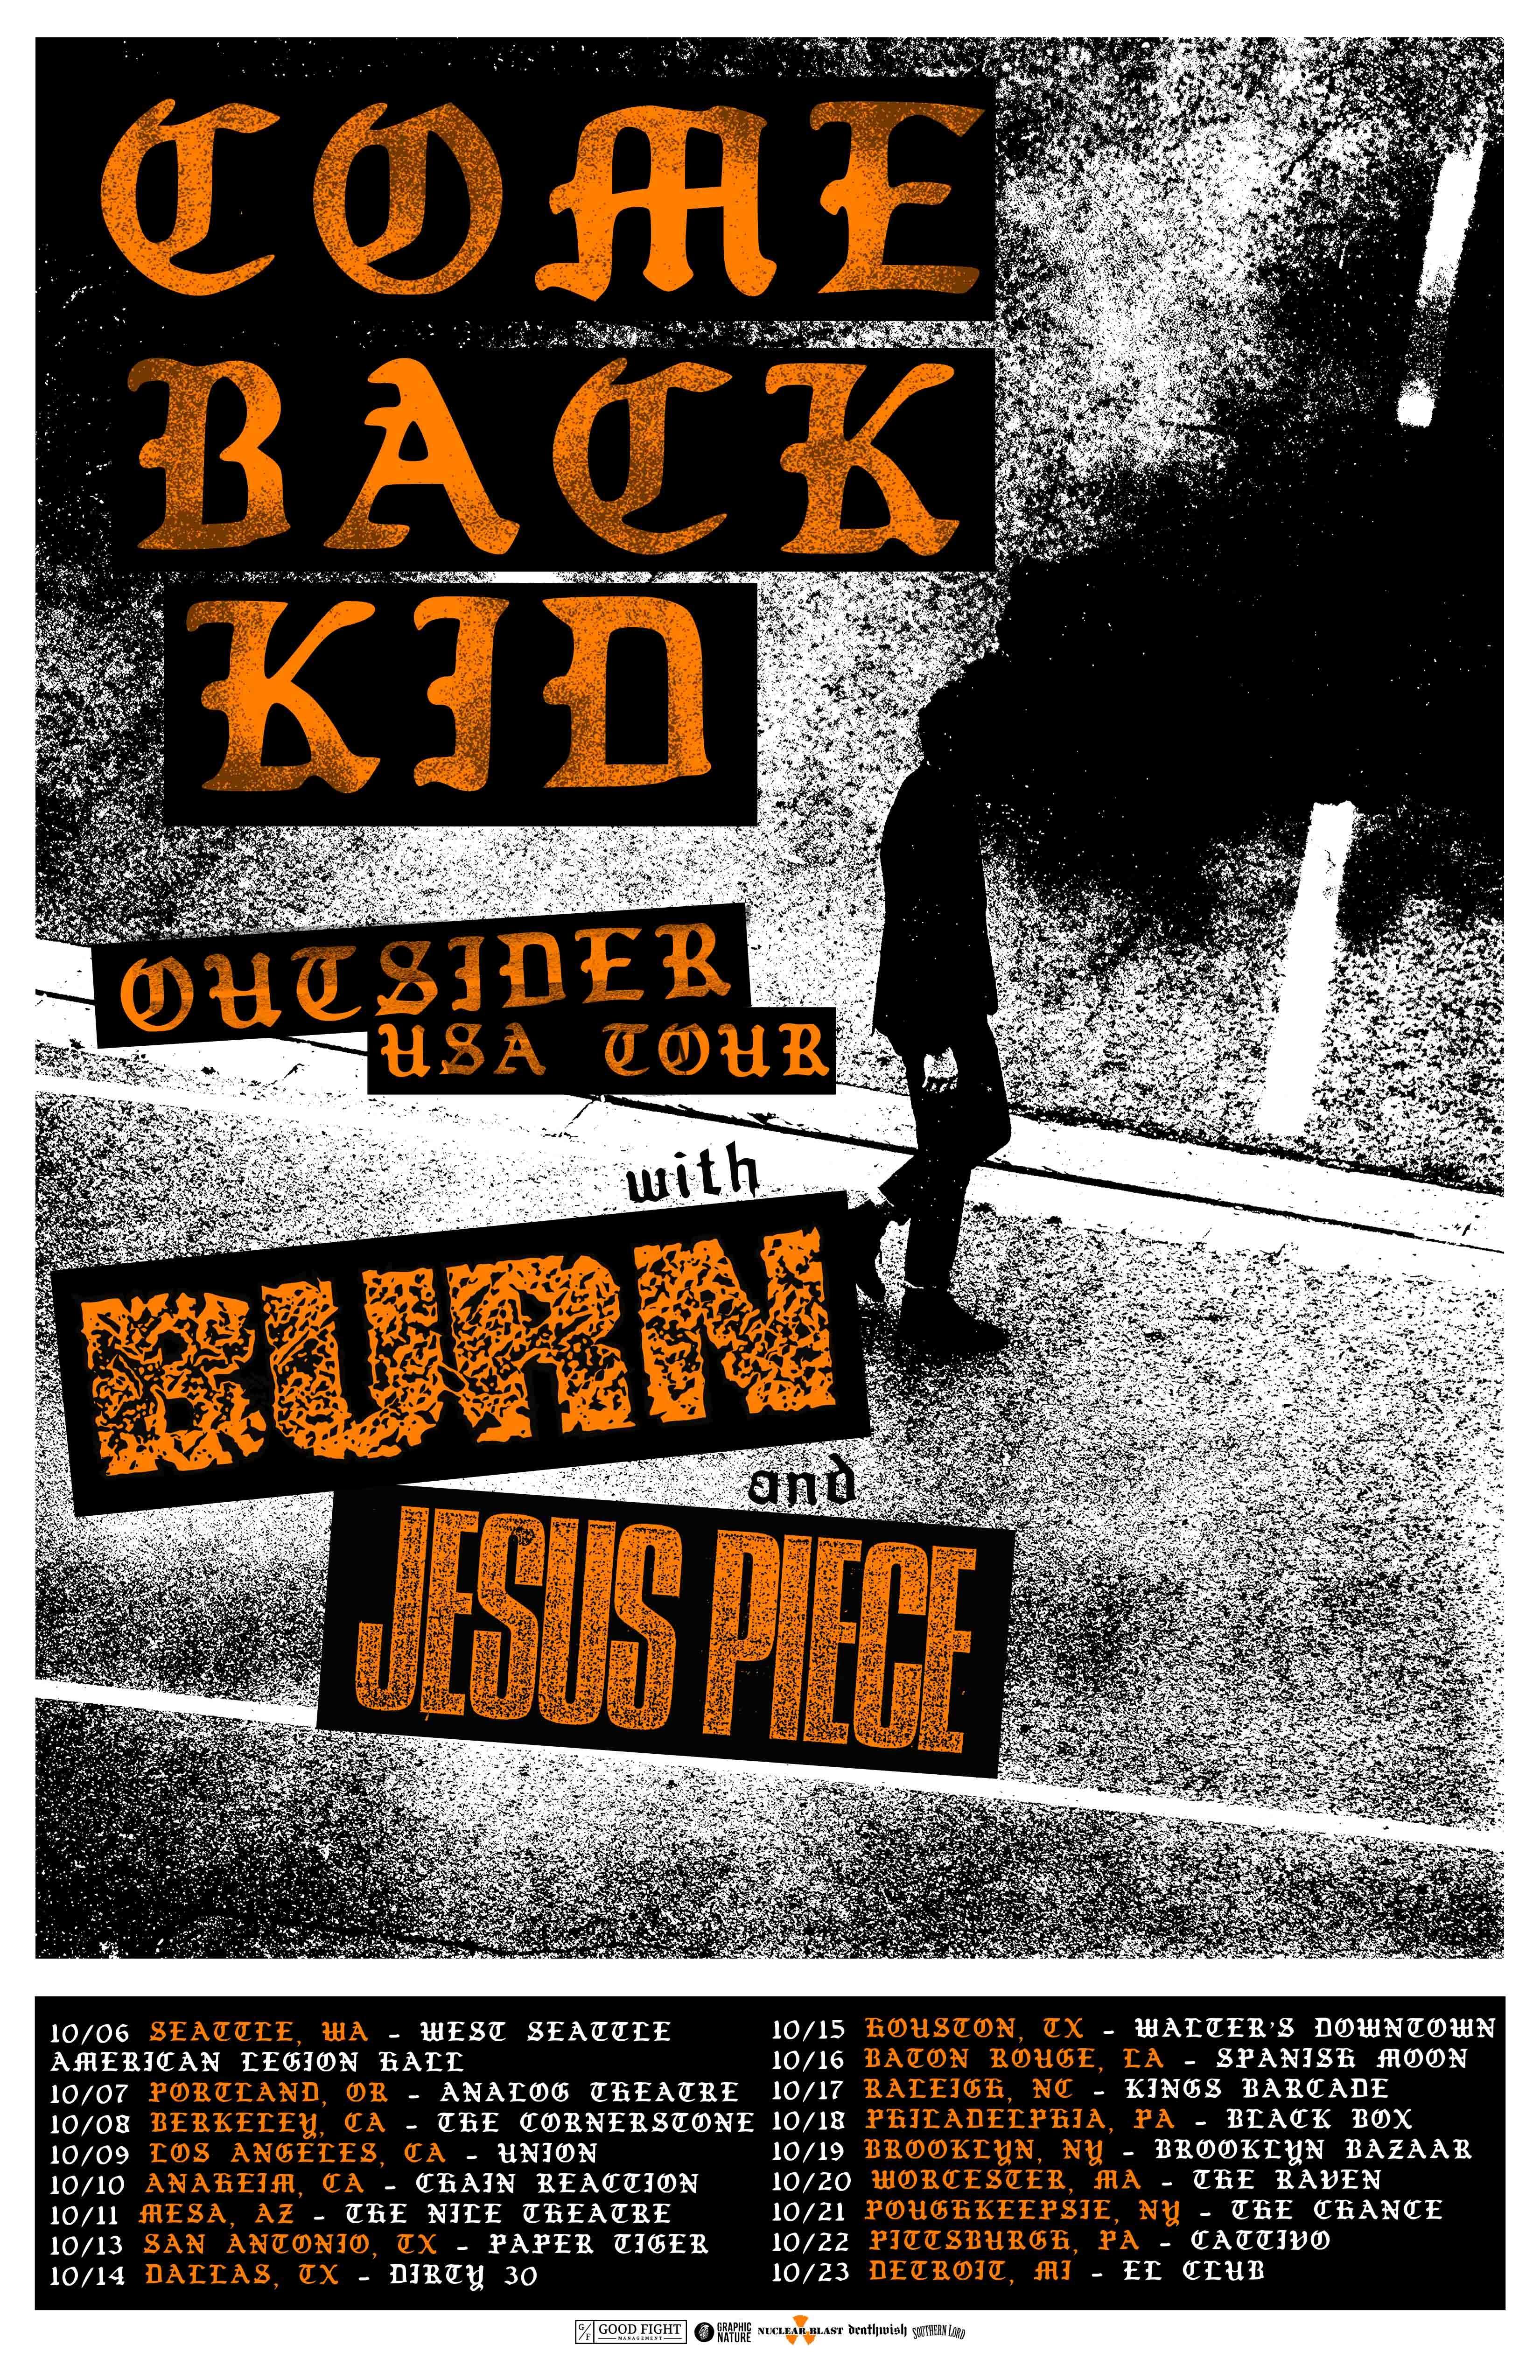 Comeback Kid, Burn, & Jesus Piece